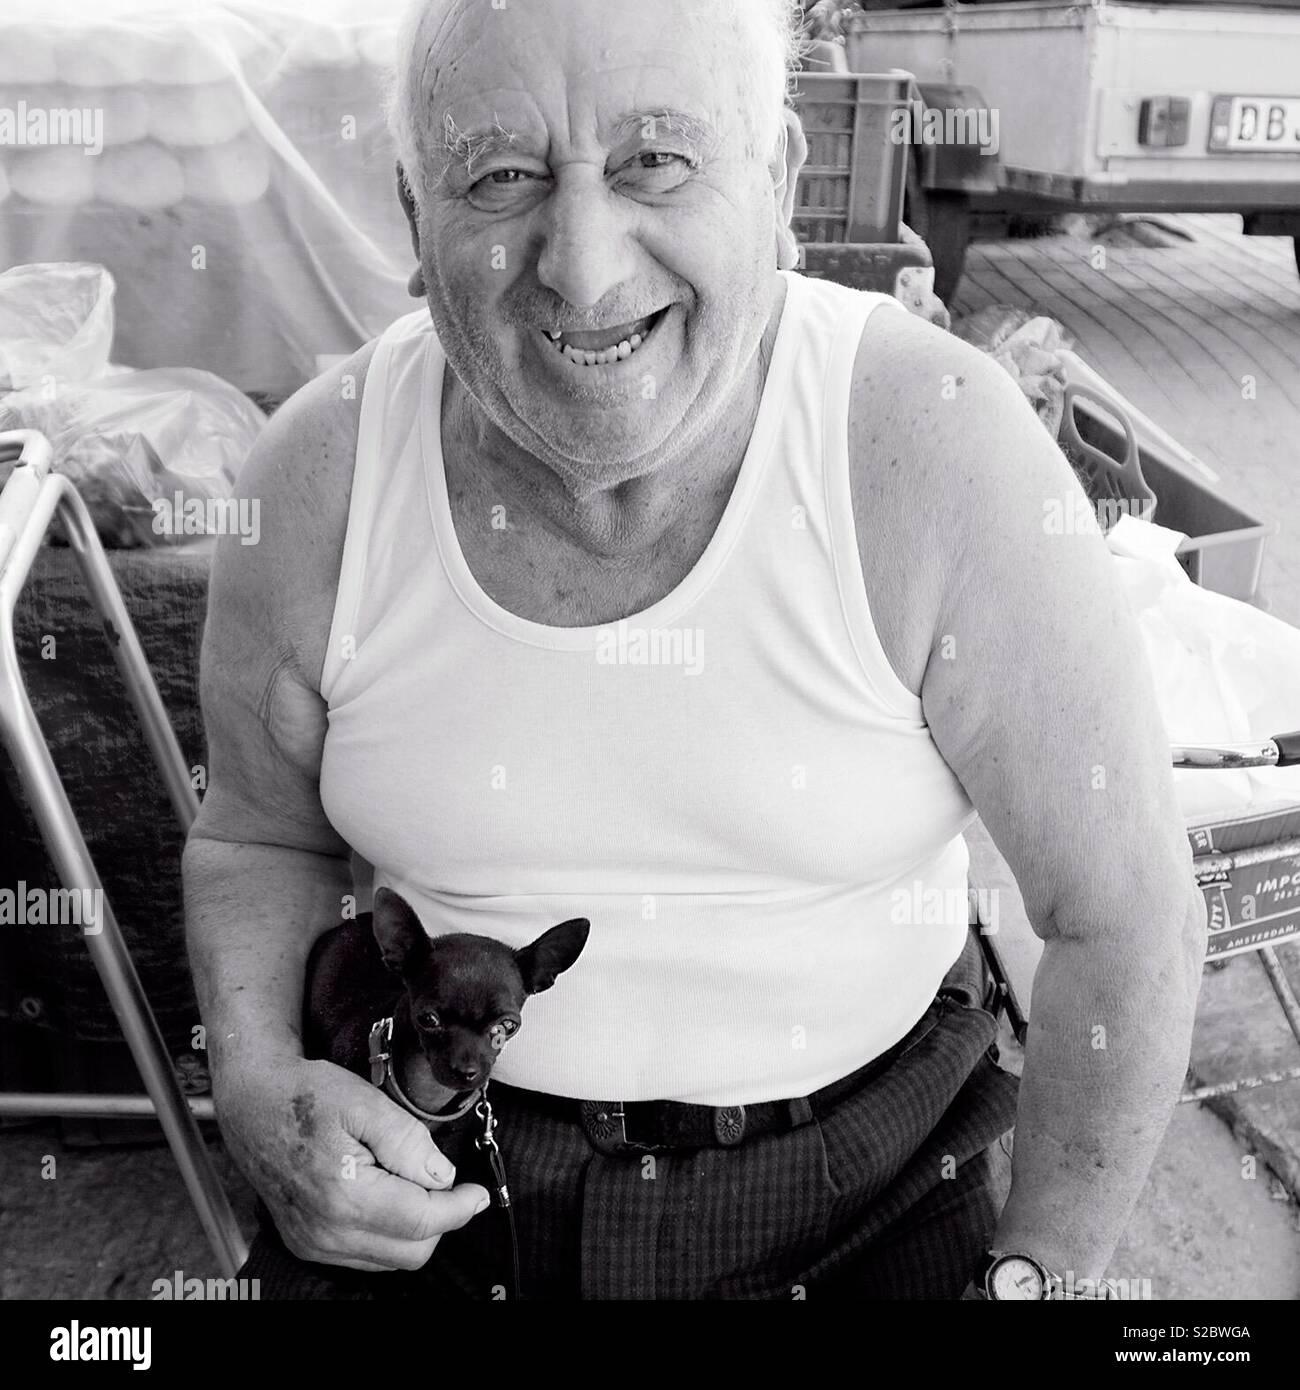 Porträt eines alten Mannes in einem weißen Weste lachend mit seinem Chihuahua auf seinem Schoß in Malta Stockfoto